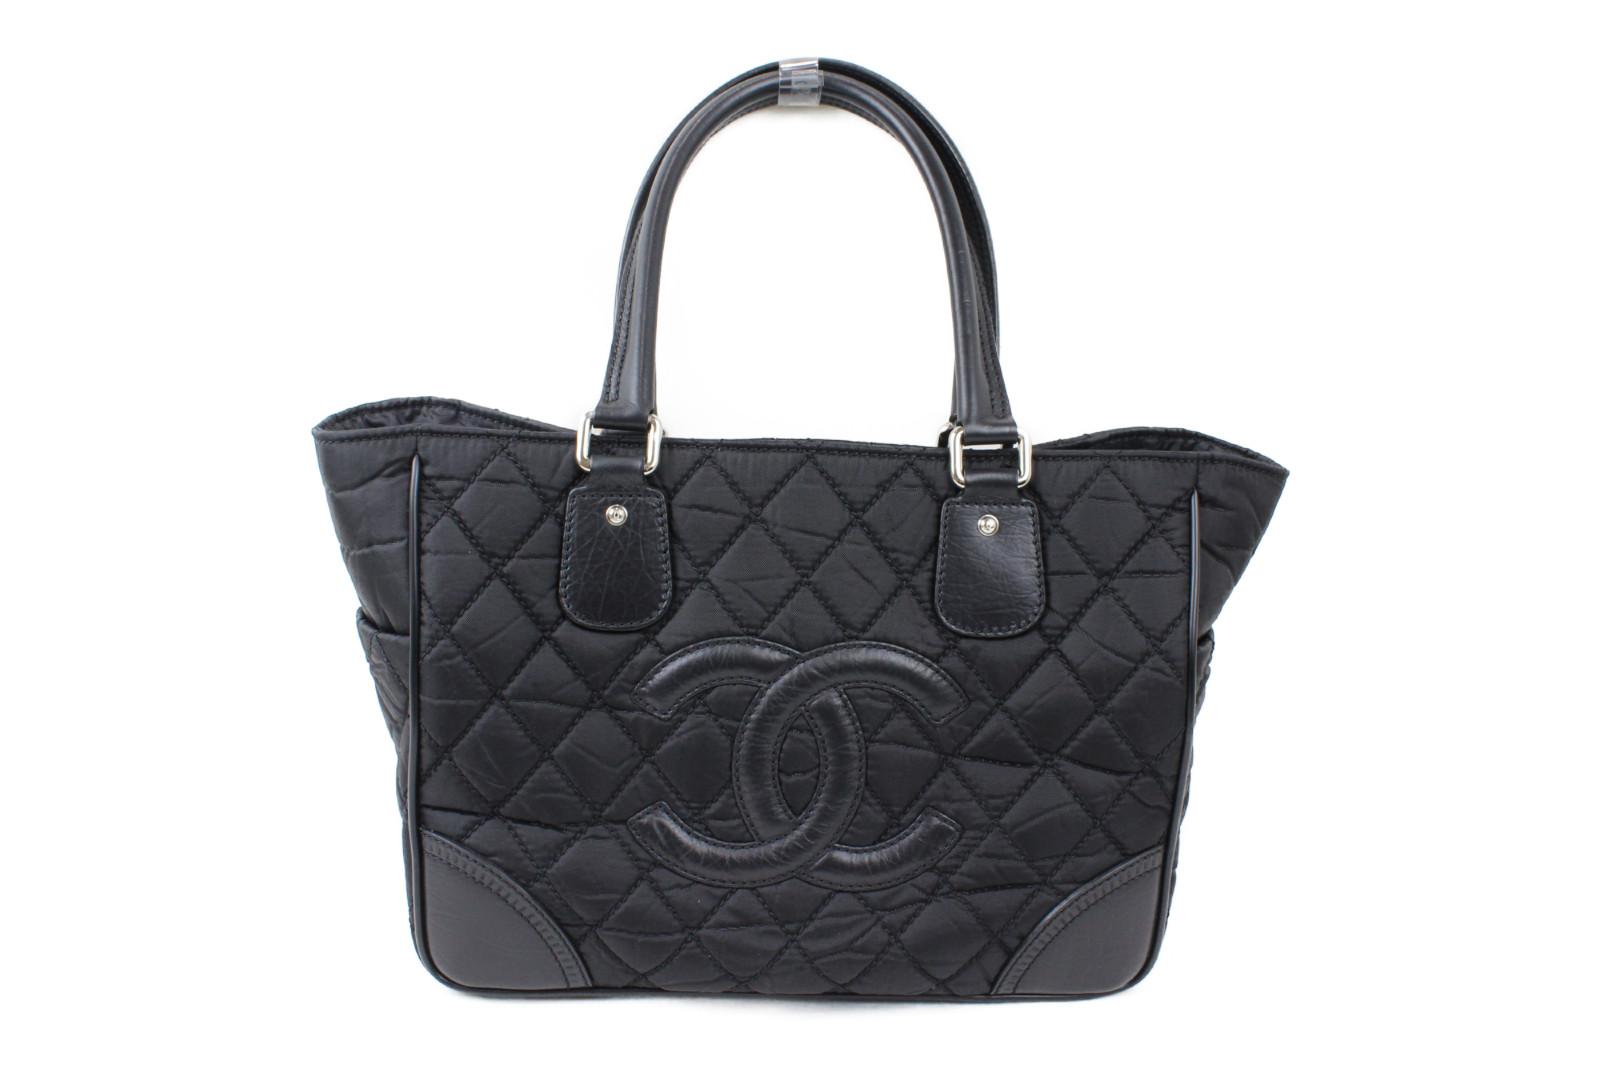 4b4a90288fe8 付属品ギャラ/布袋備考ブラックでシンプルなシャネルのハンドバッグです。※品の為、写真には写りきらない傷や汚れがある場合がございます。ご購入後の返品?